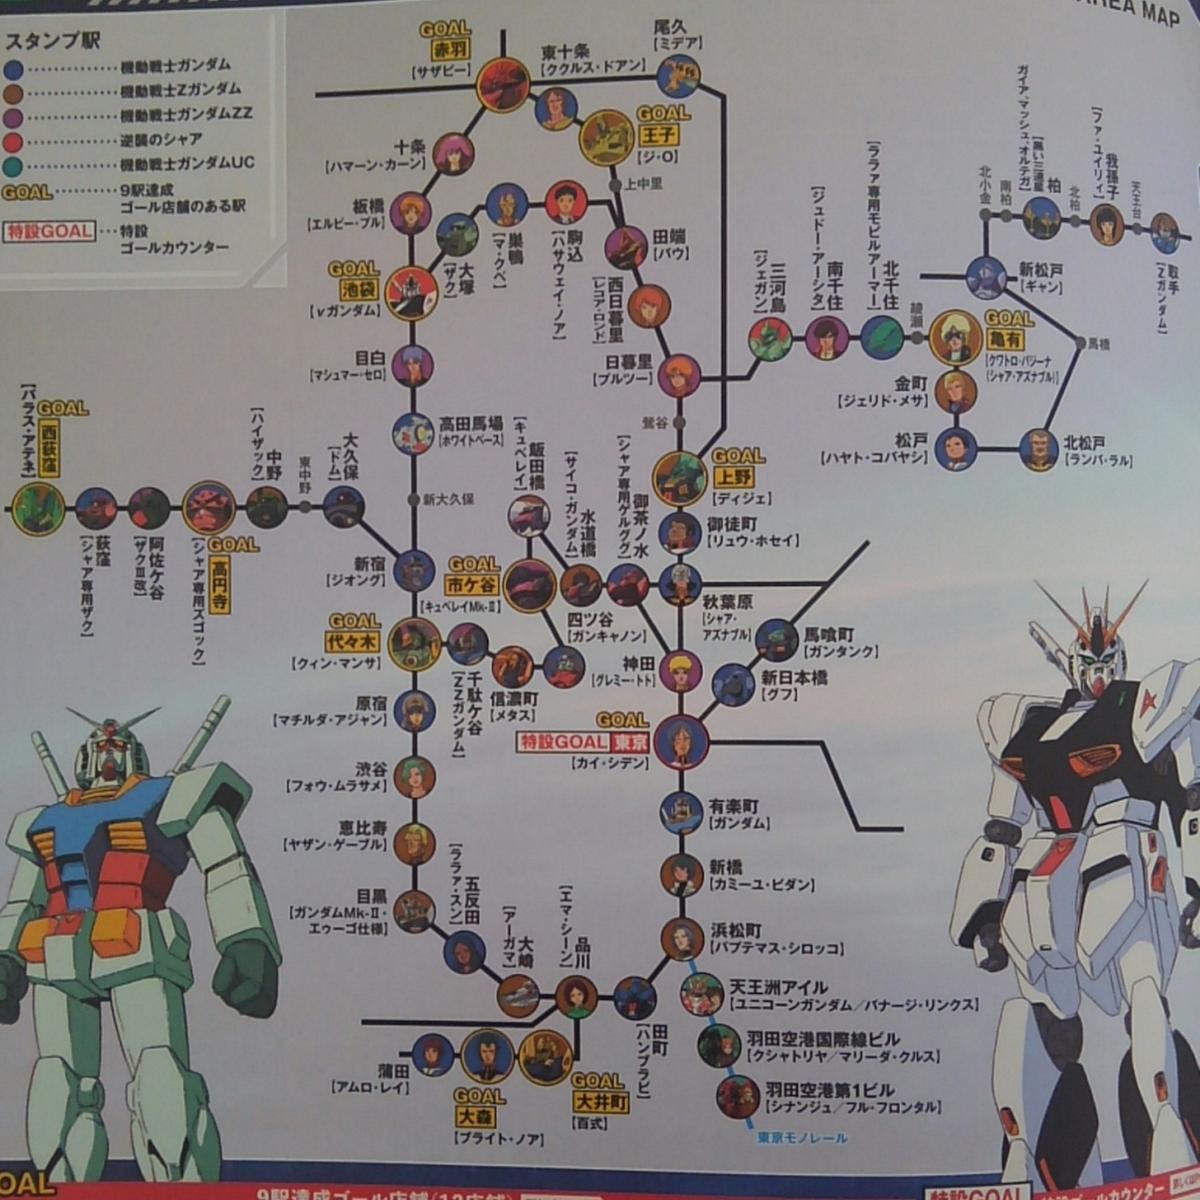 ガンダムスタンプラリー JR東日本